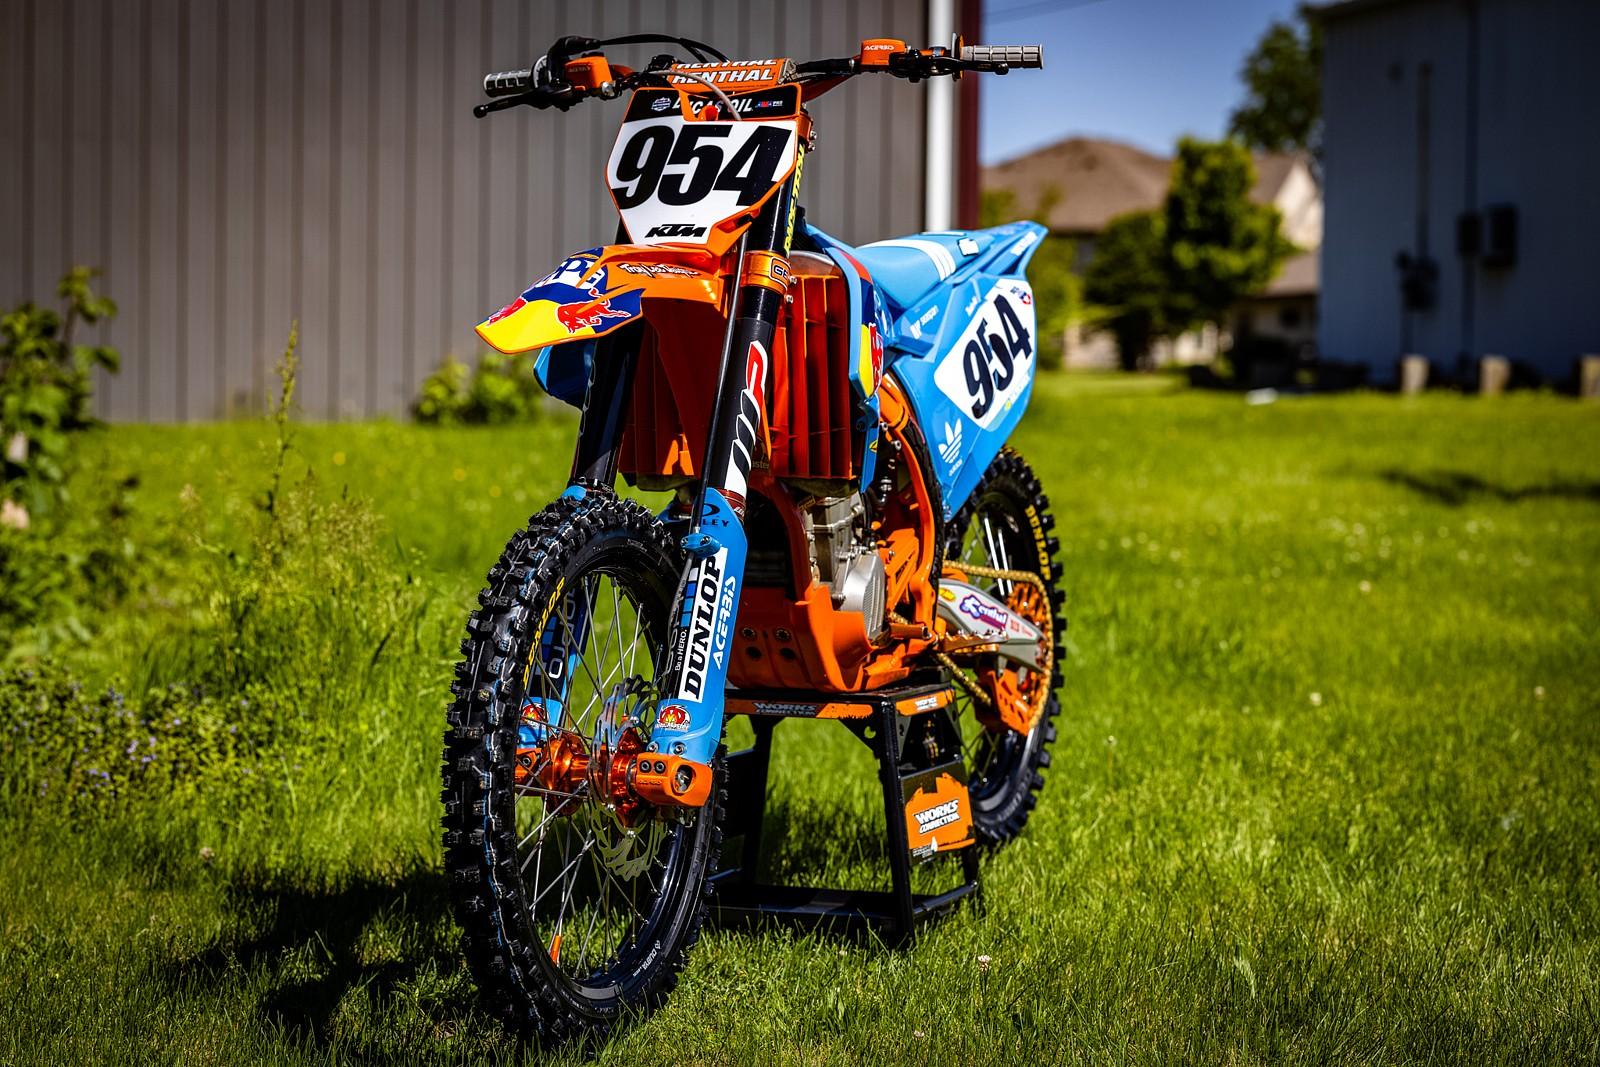 ktm 5 - GForce MMG - Motocross Pictures - Vital MX